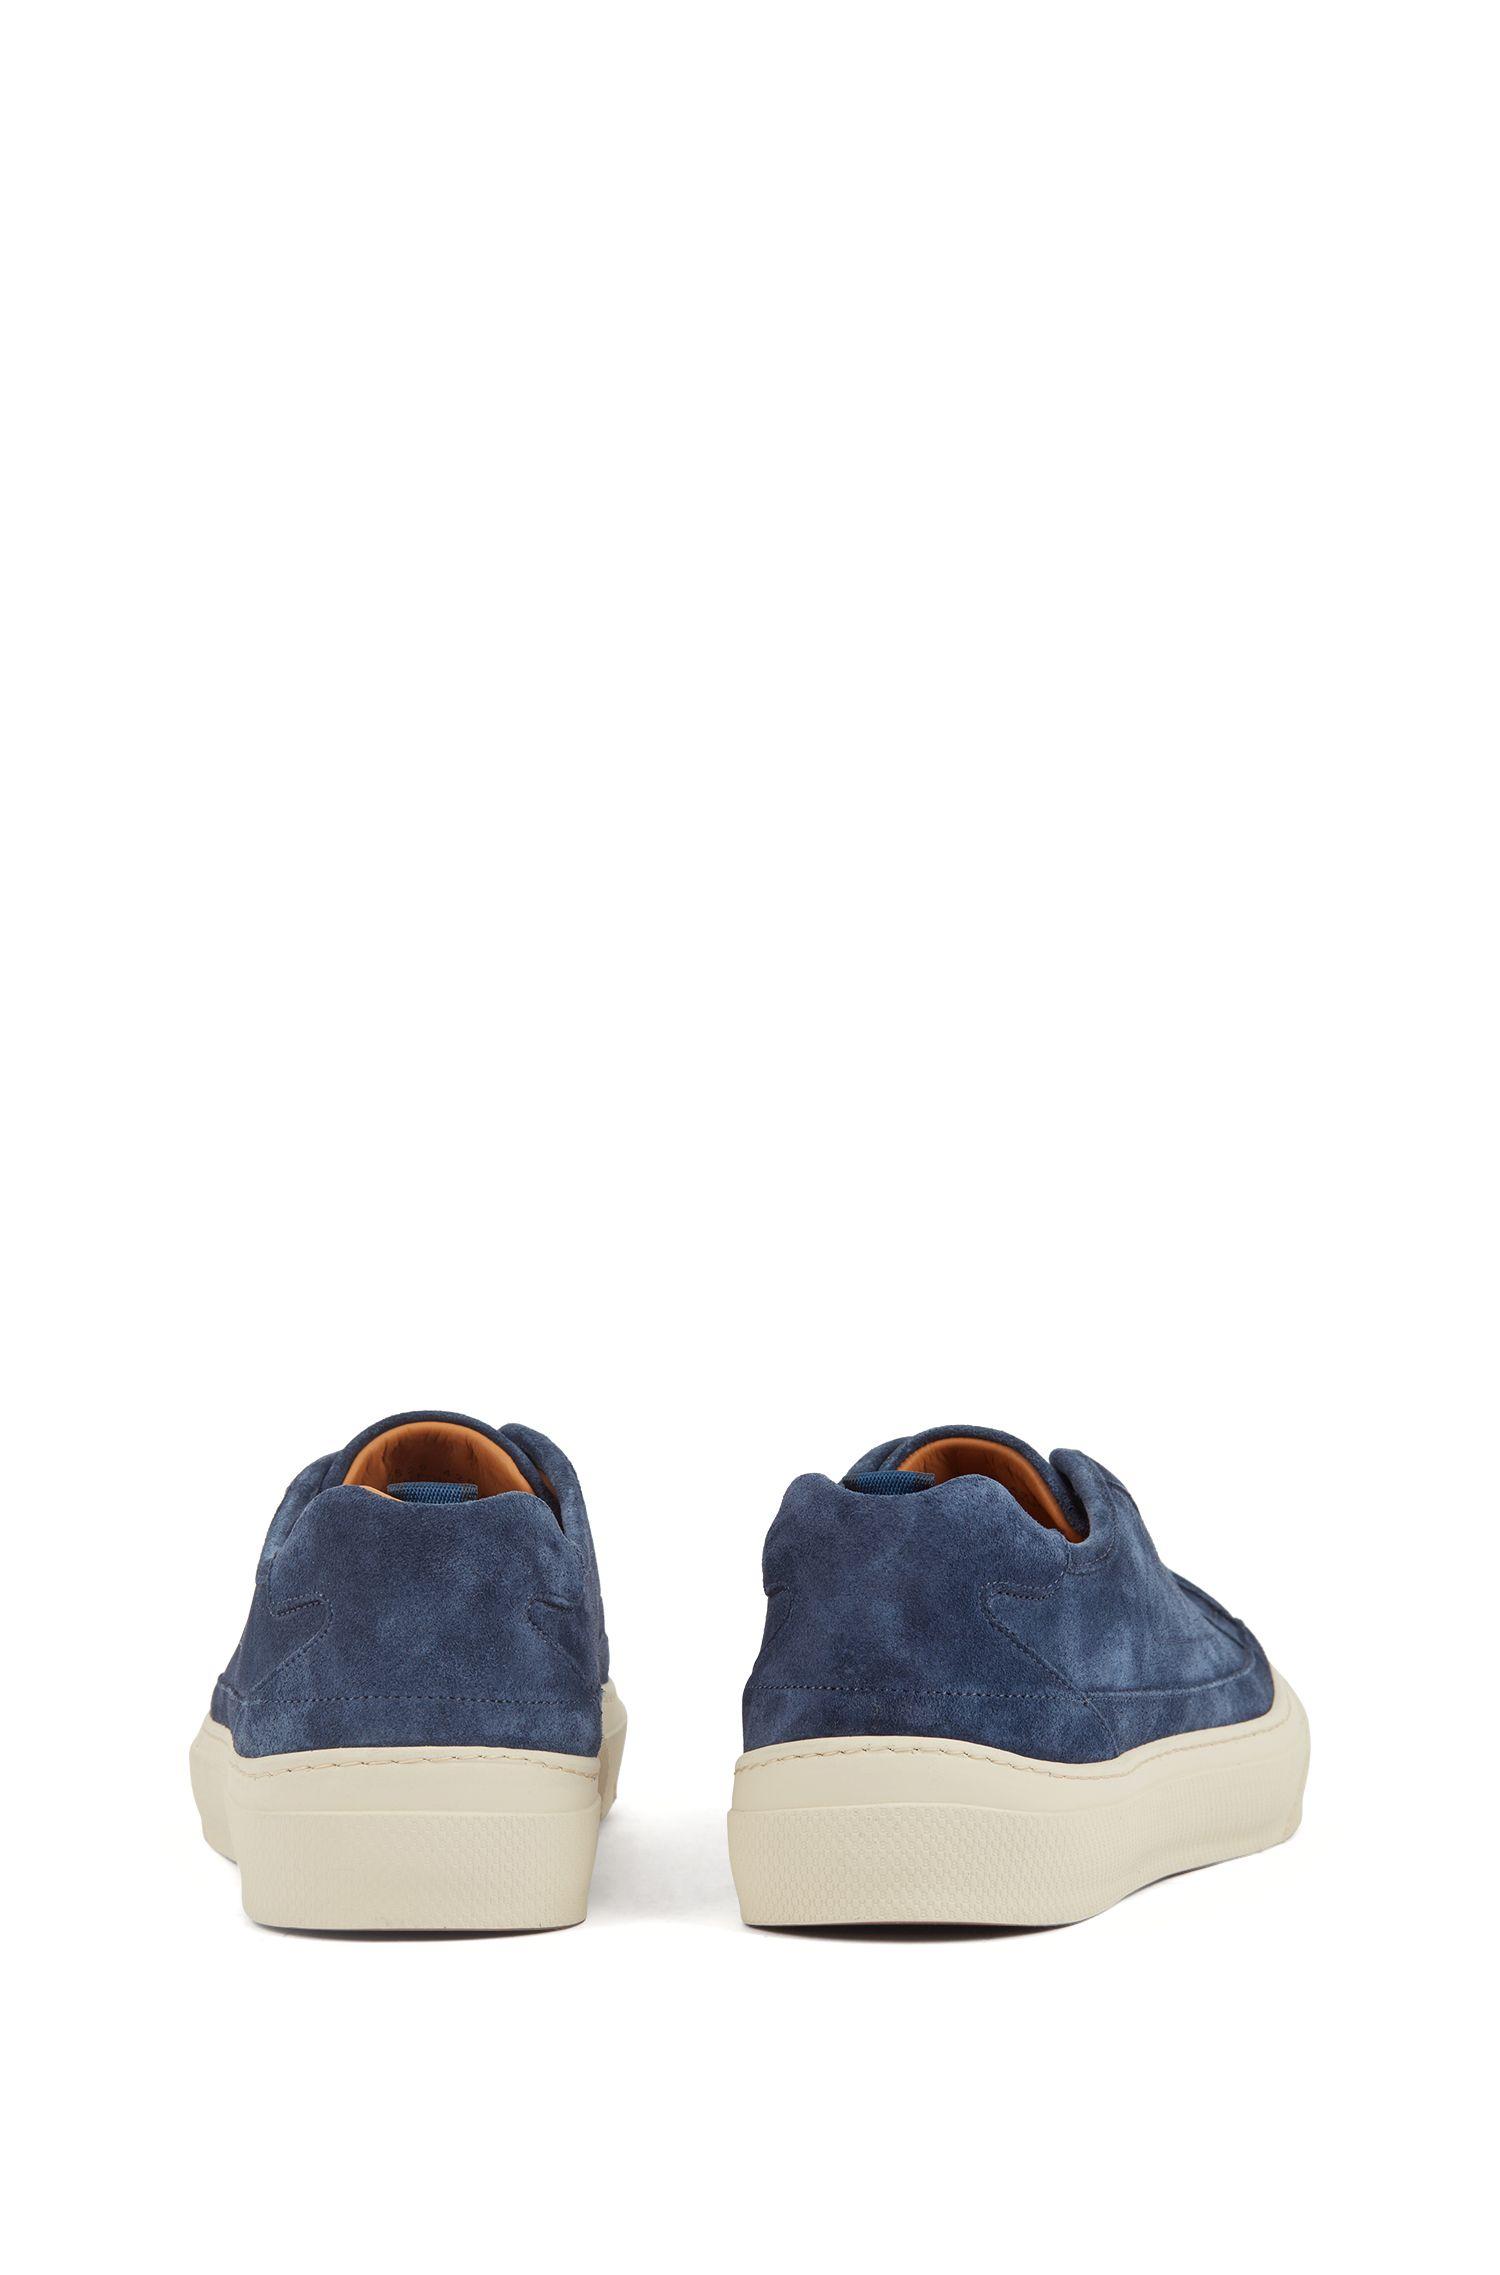 Baskets inspirées des chaussures de tennis en cuir suédé de veau avec semelle monogrammée, Bleu